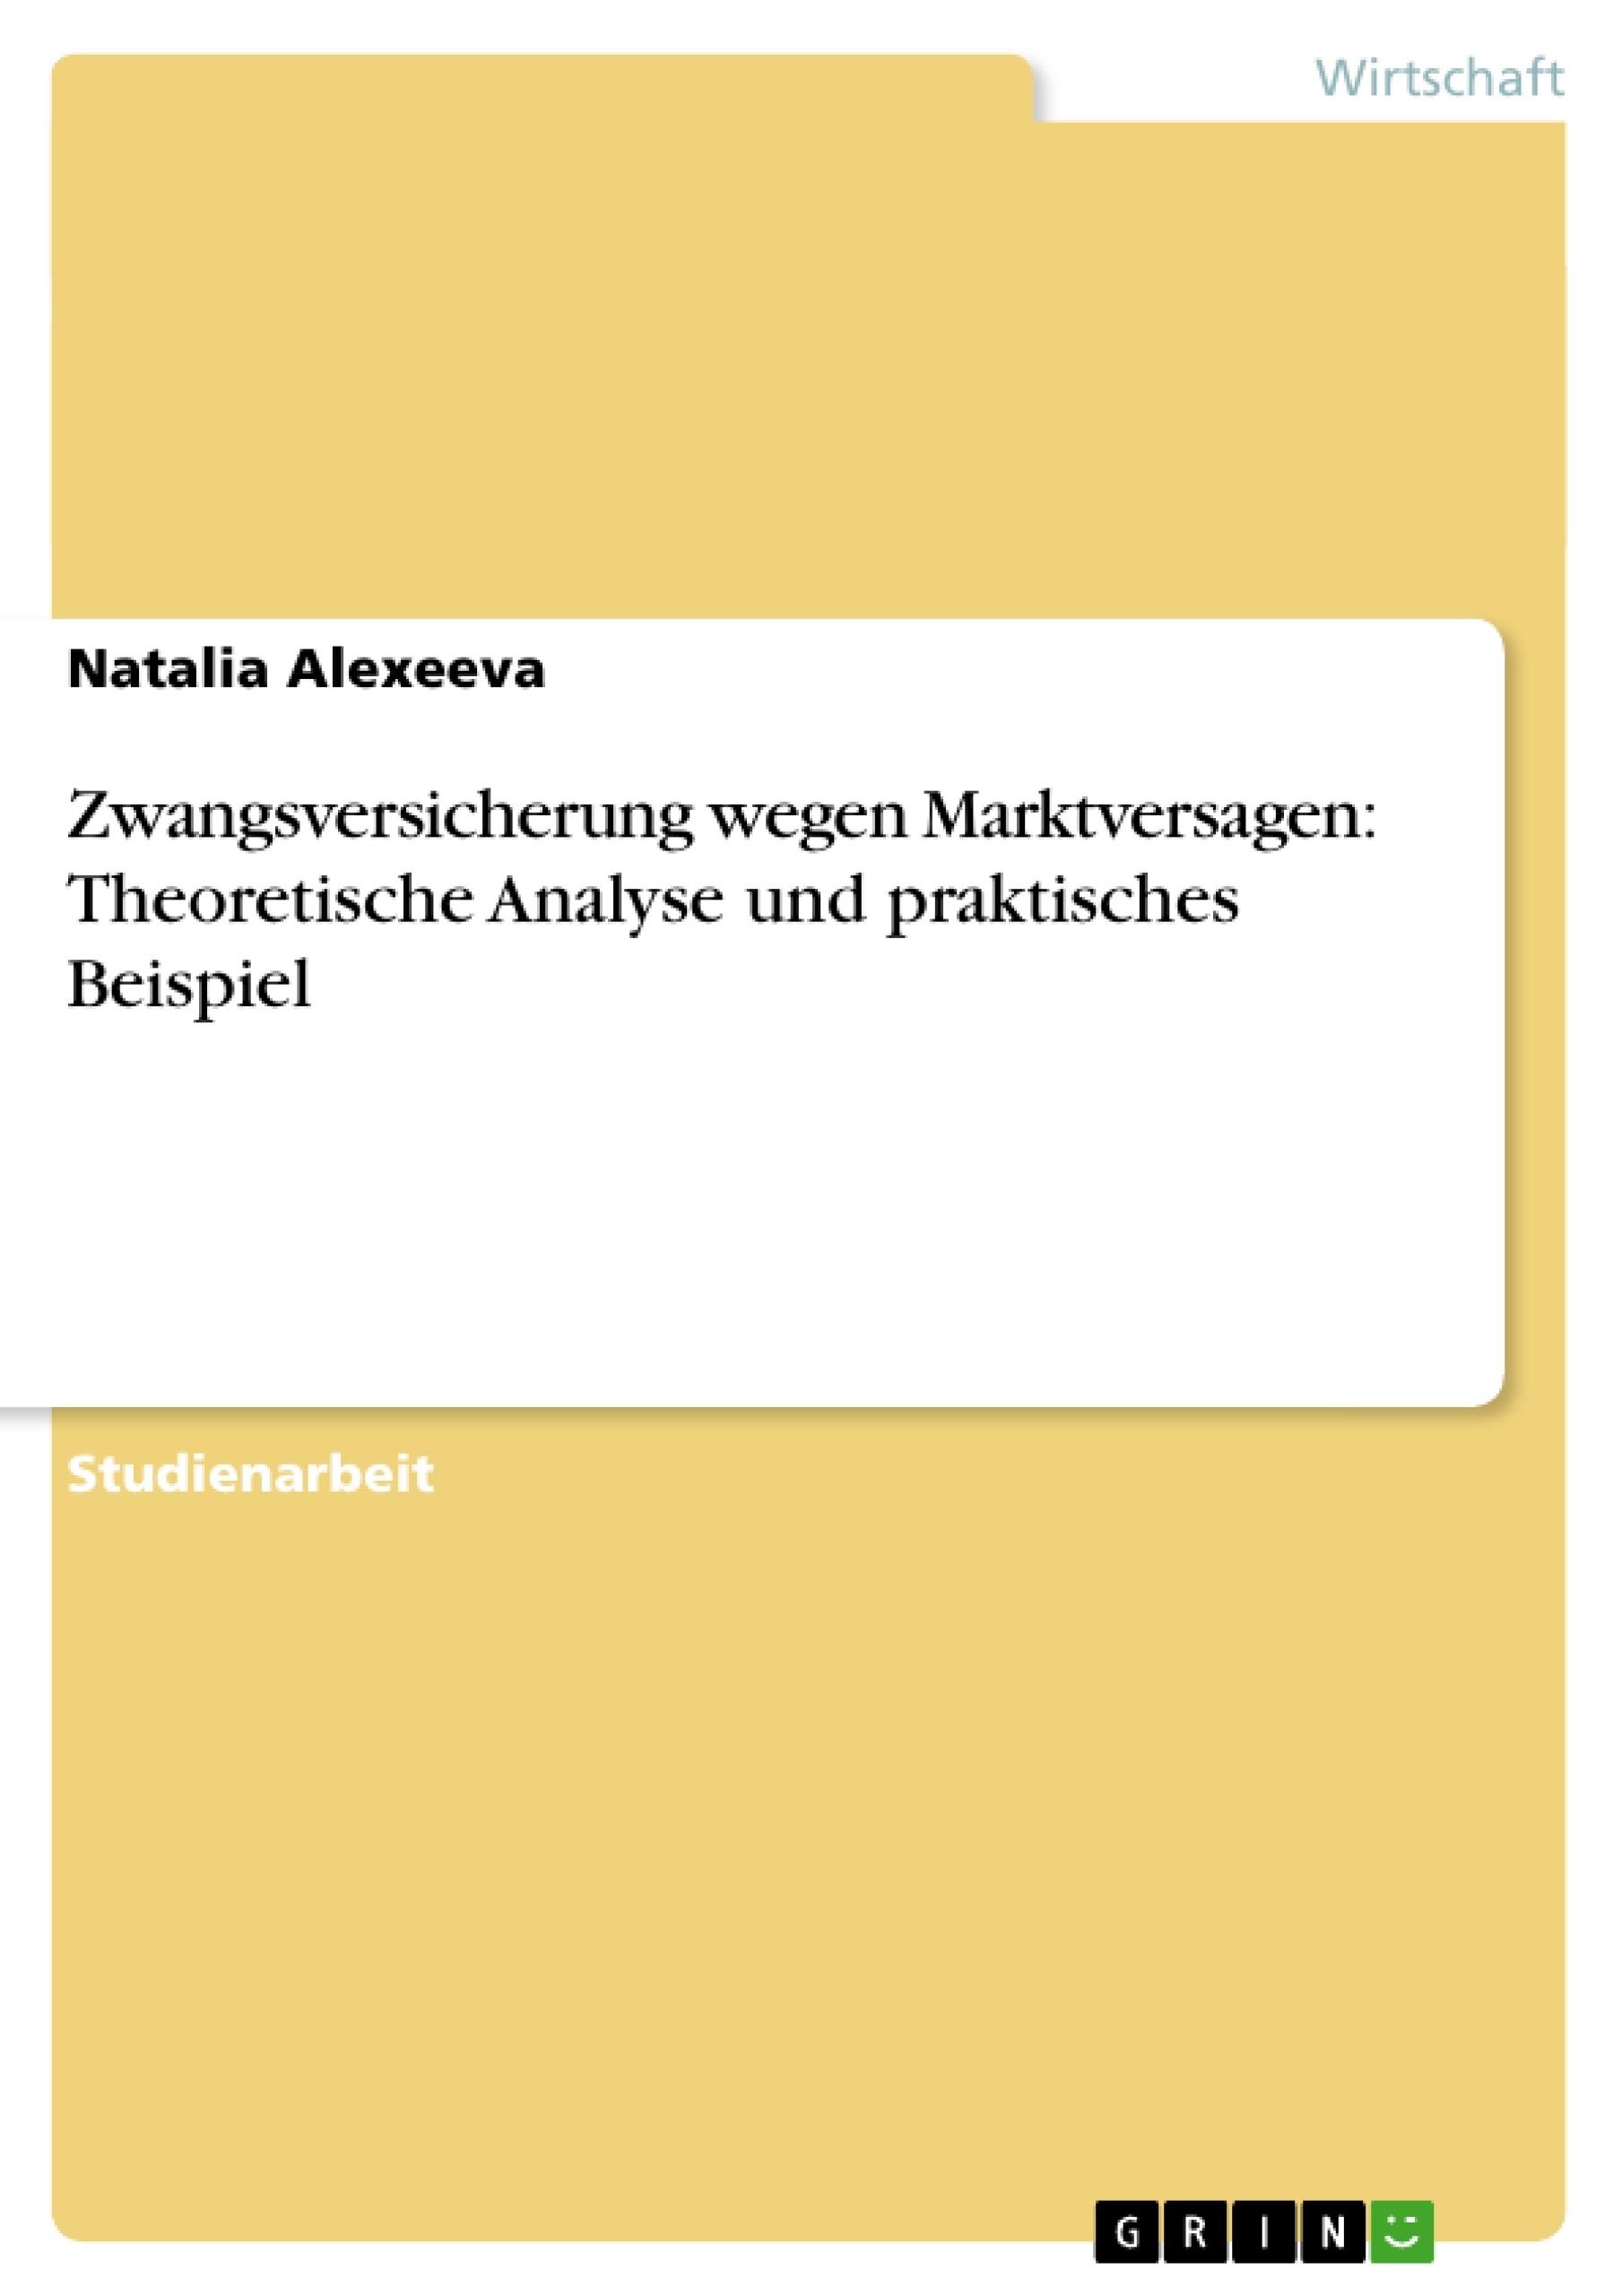 Titel: Zwangsversicherung wegen Marktversagen: Theoretische Analyse und praktisches Beispiel